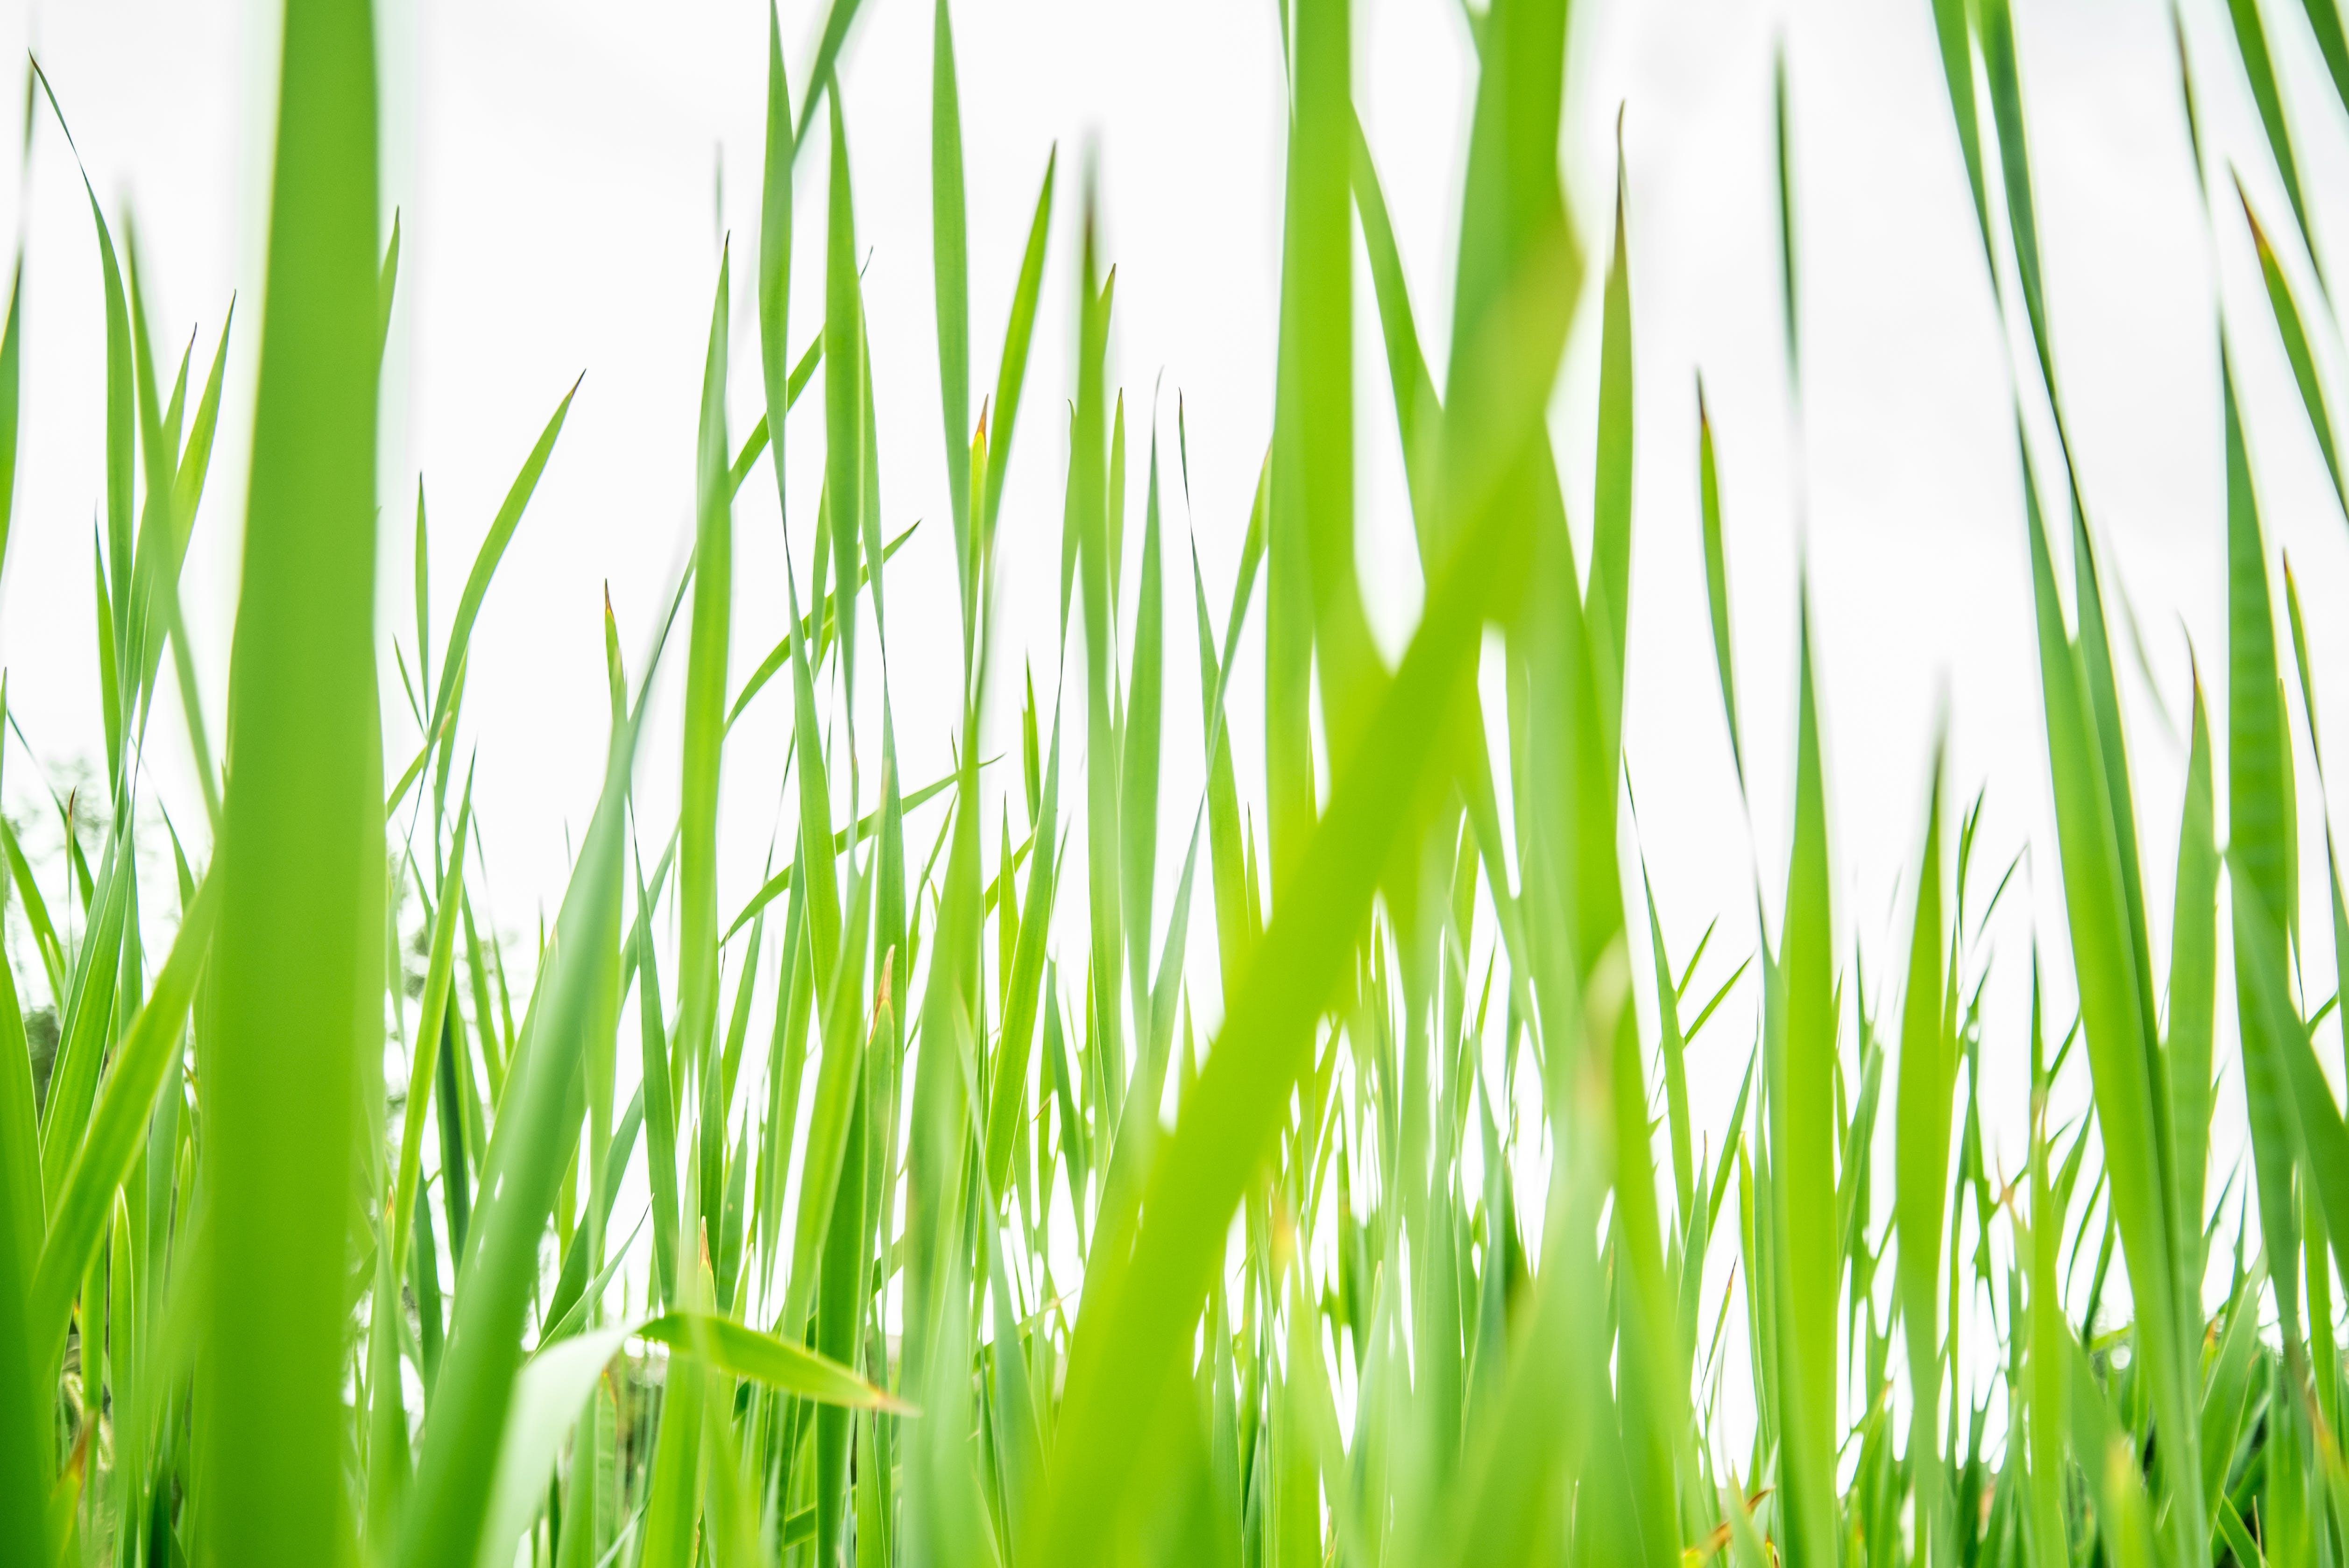 Gratis lagerfoto af bane, close-up, græs, grøn